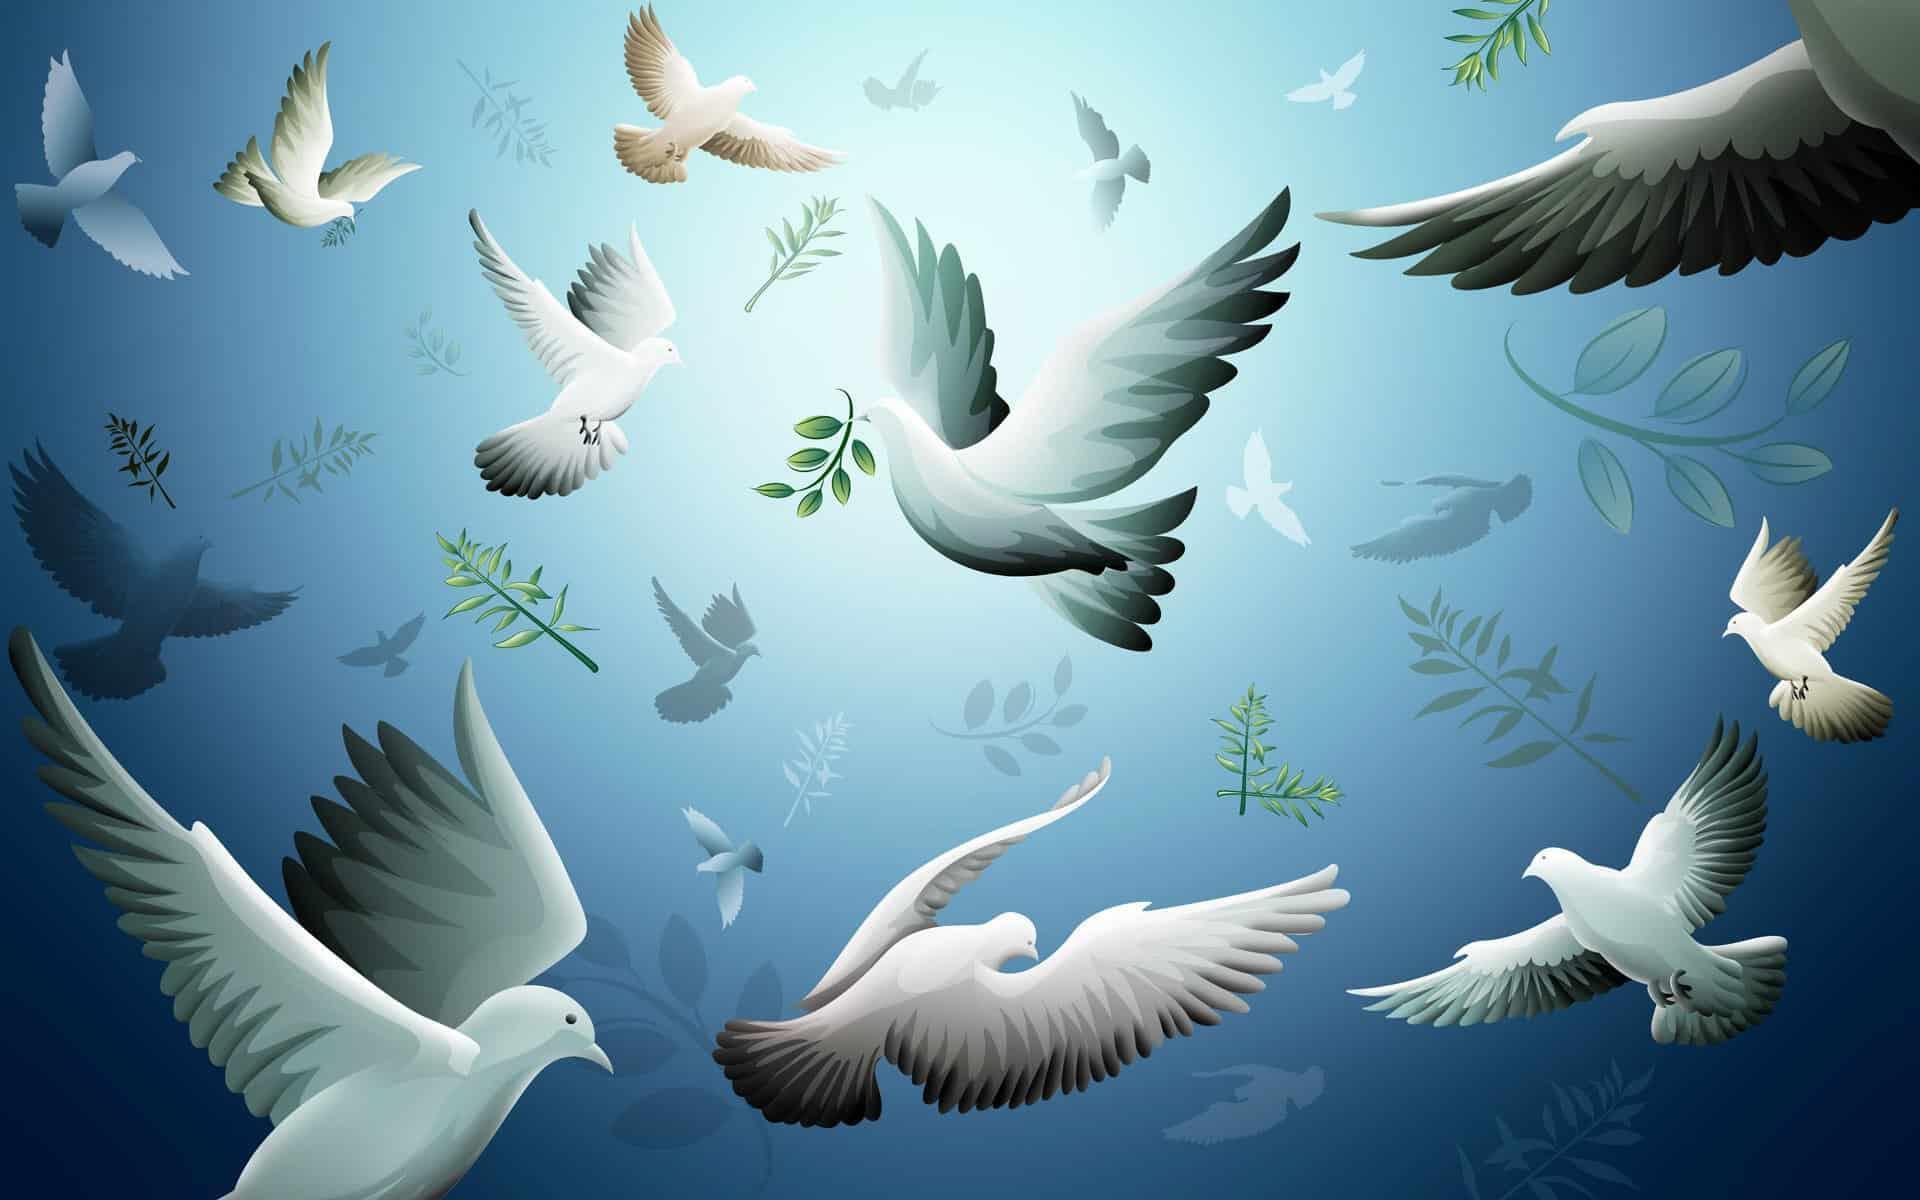 في اليوم العالمي للسلام  .. حال الطوارىء المناخية تهدّد سبل العيش والسلام!